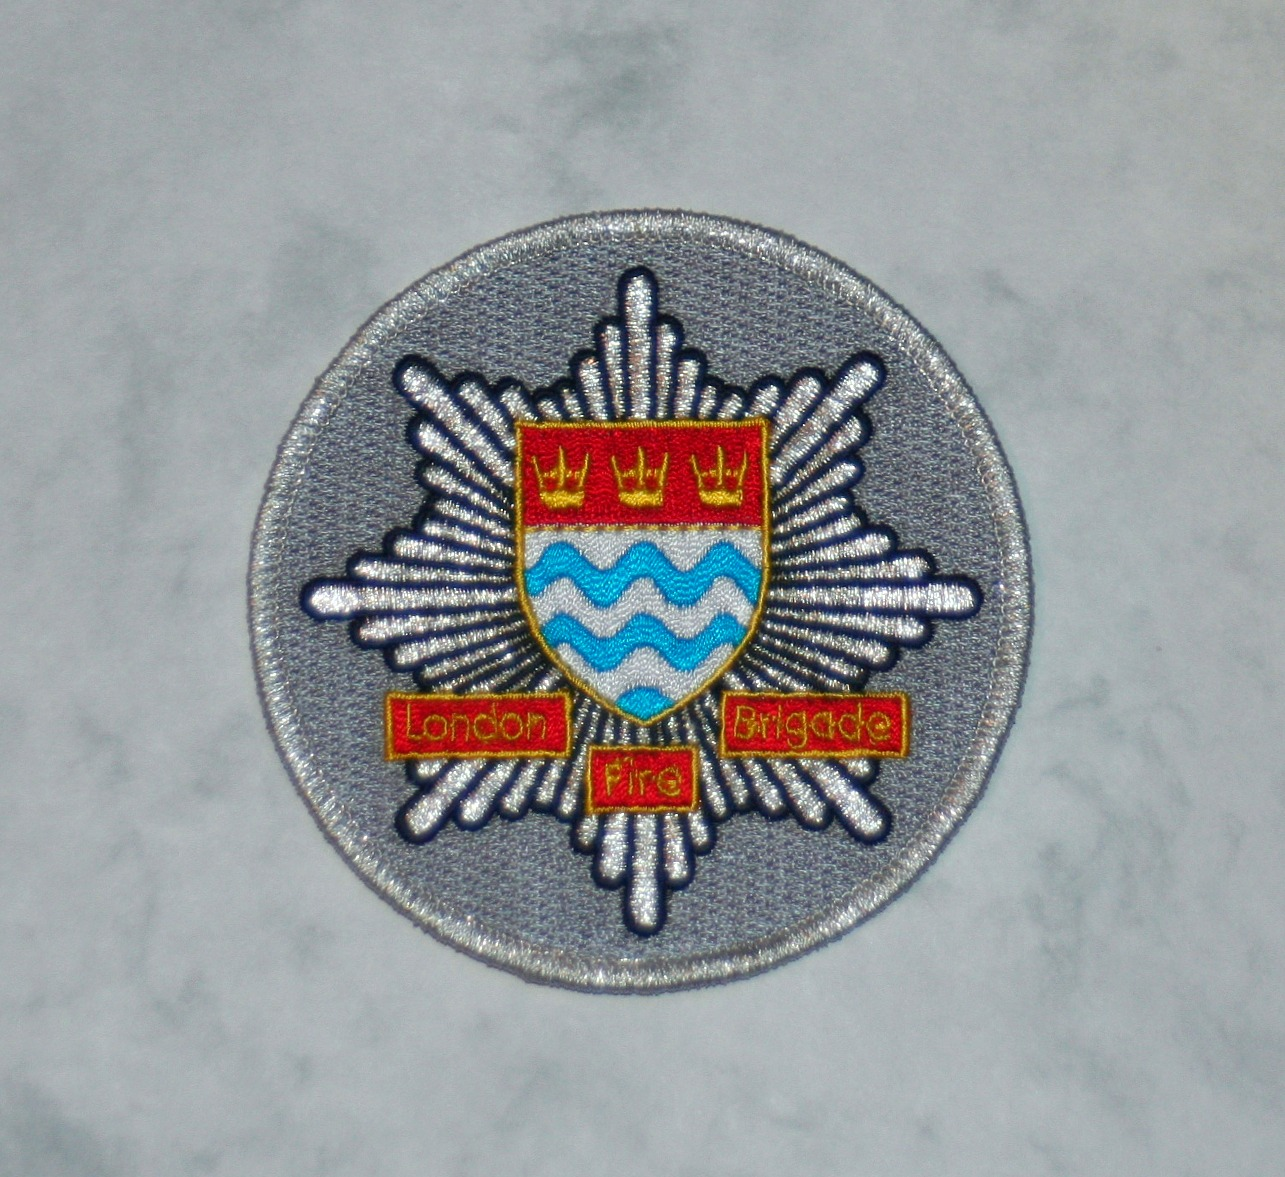 London Fire Brigade, England